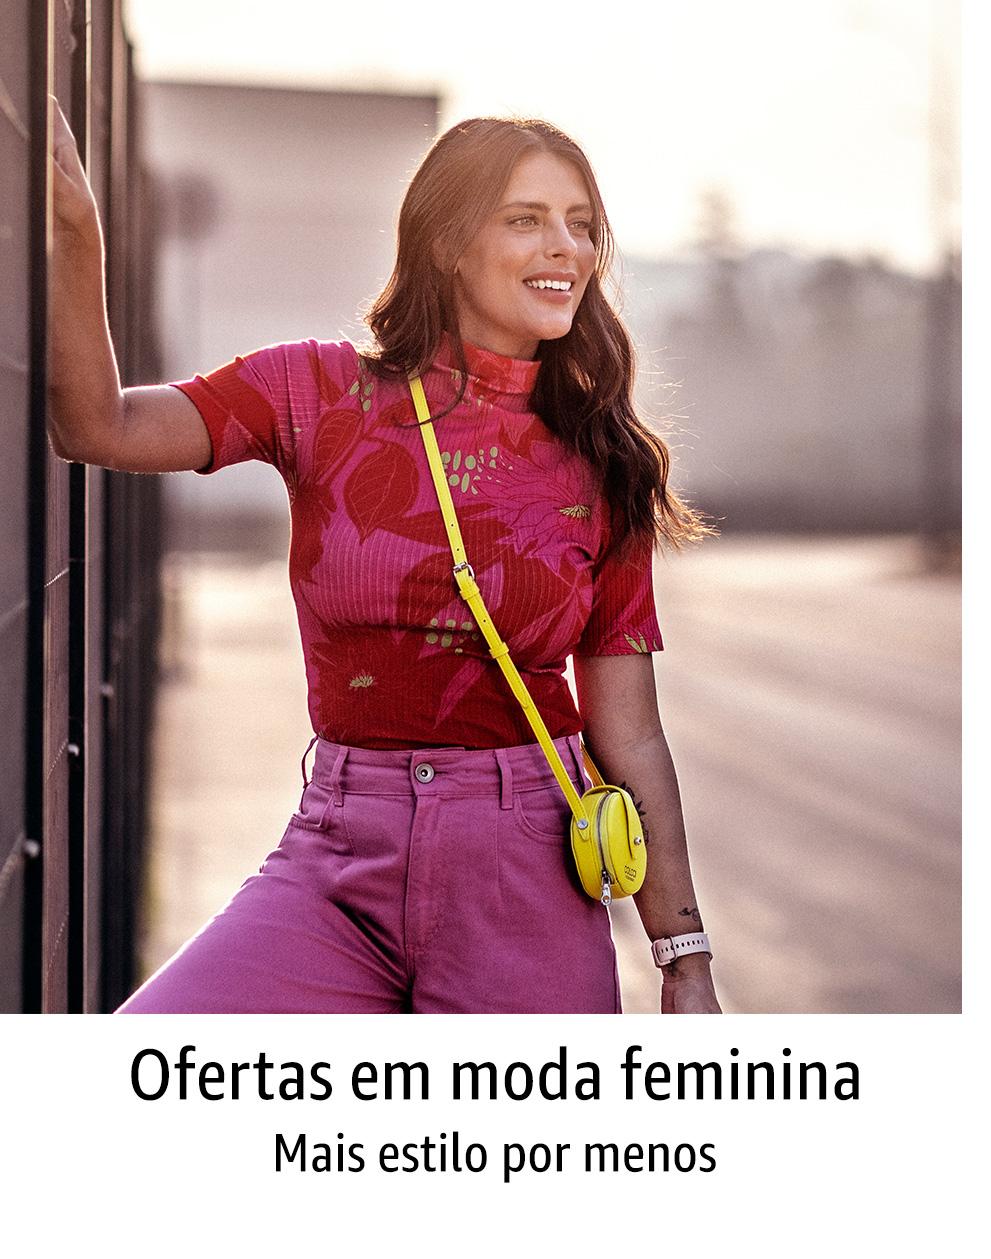 Ofertas em Moda Feminina